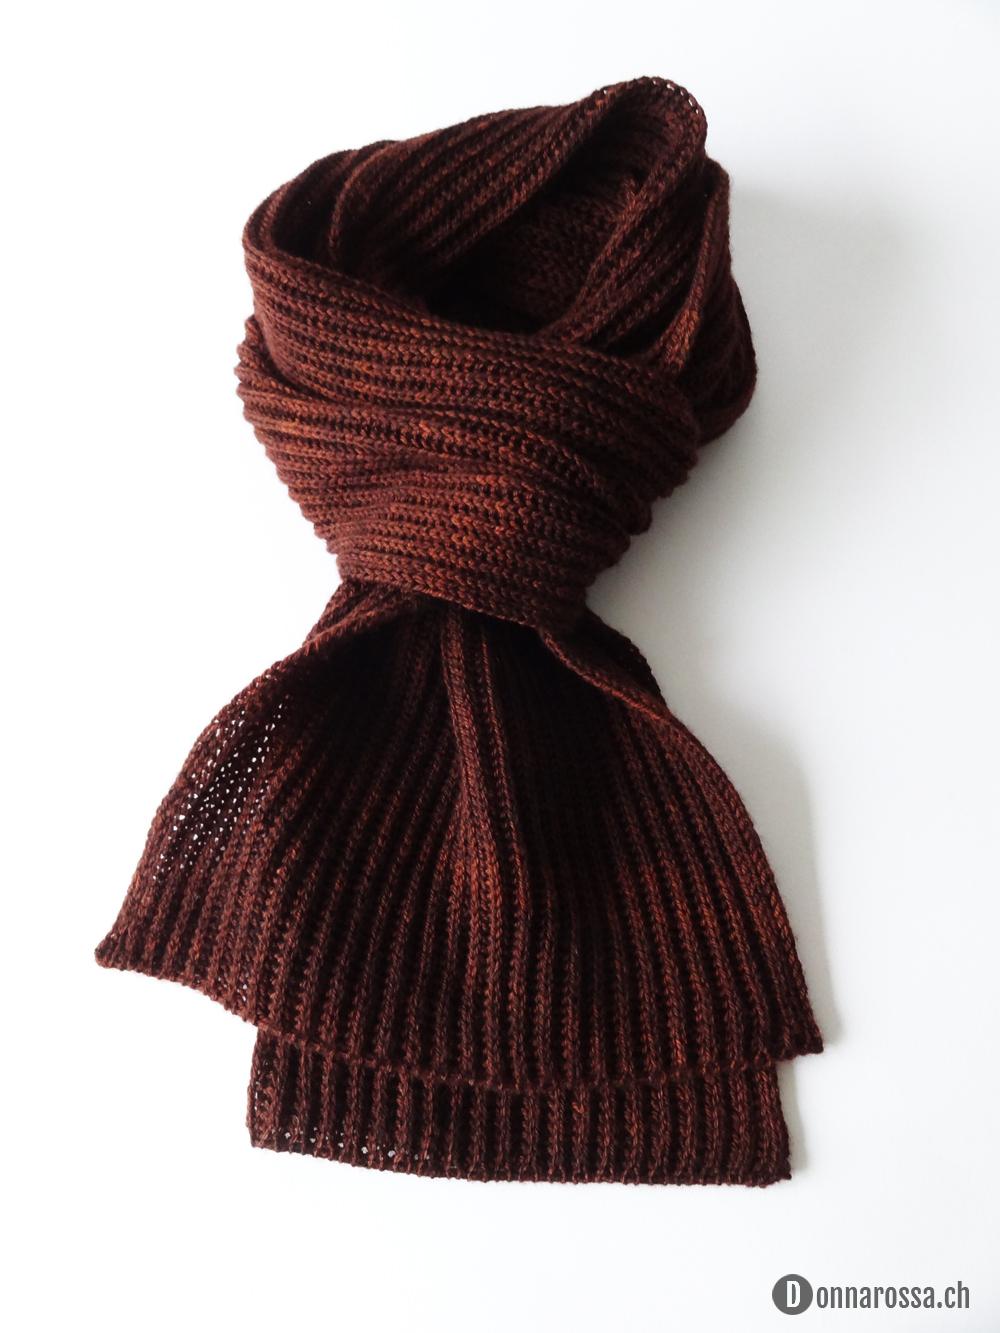 Brioche scarf - knot